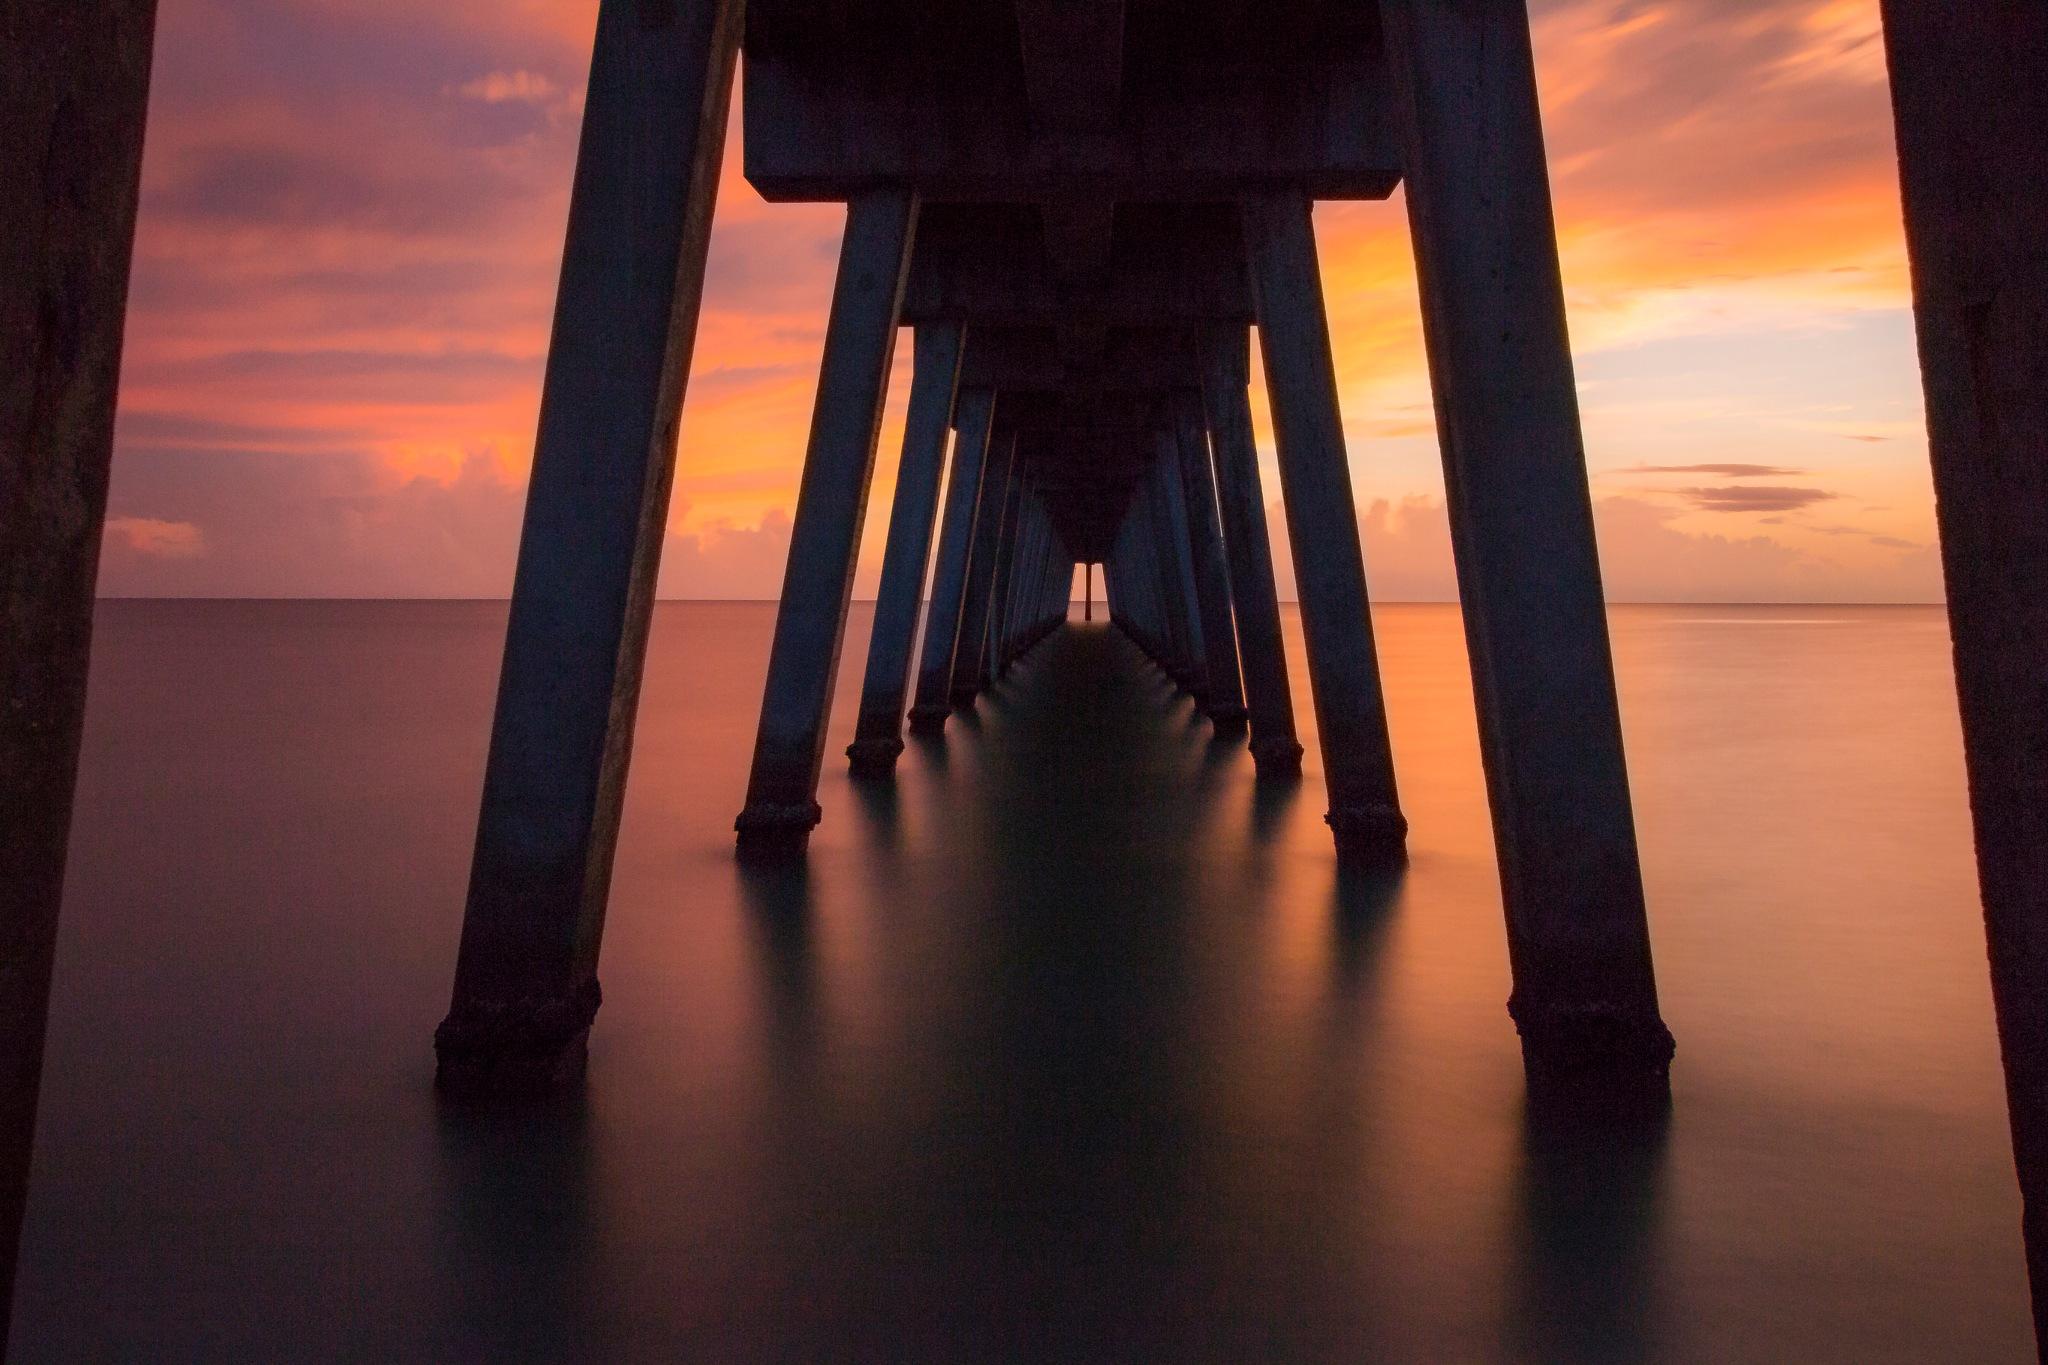 A look under the pier by jose jopiz pineiro